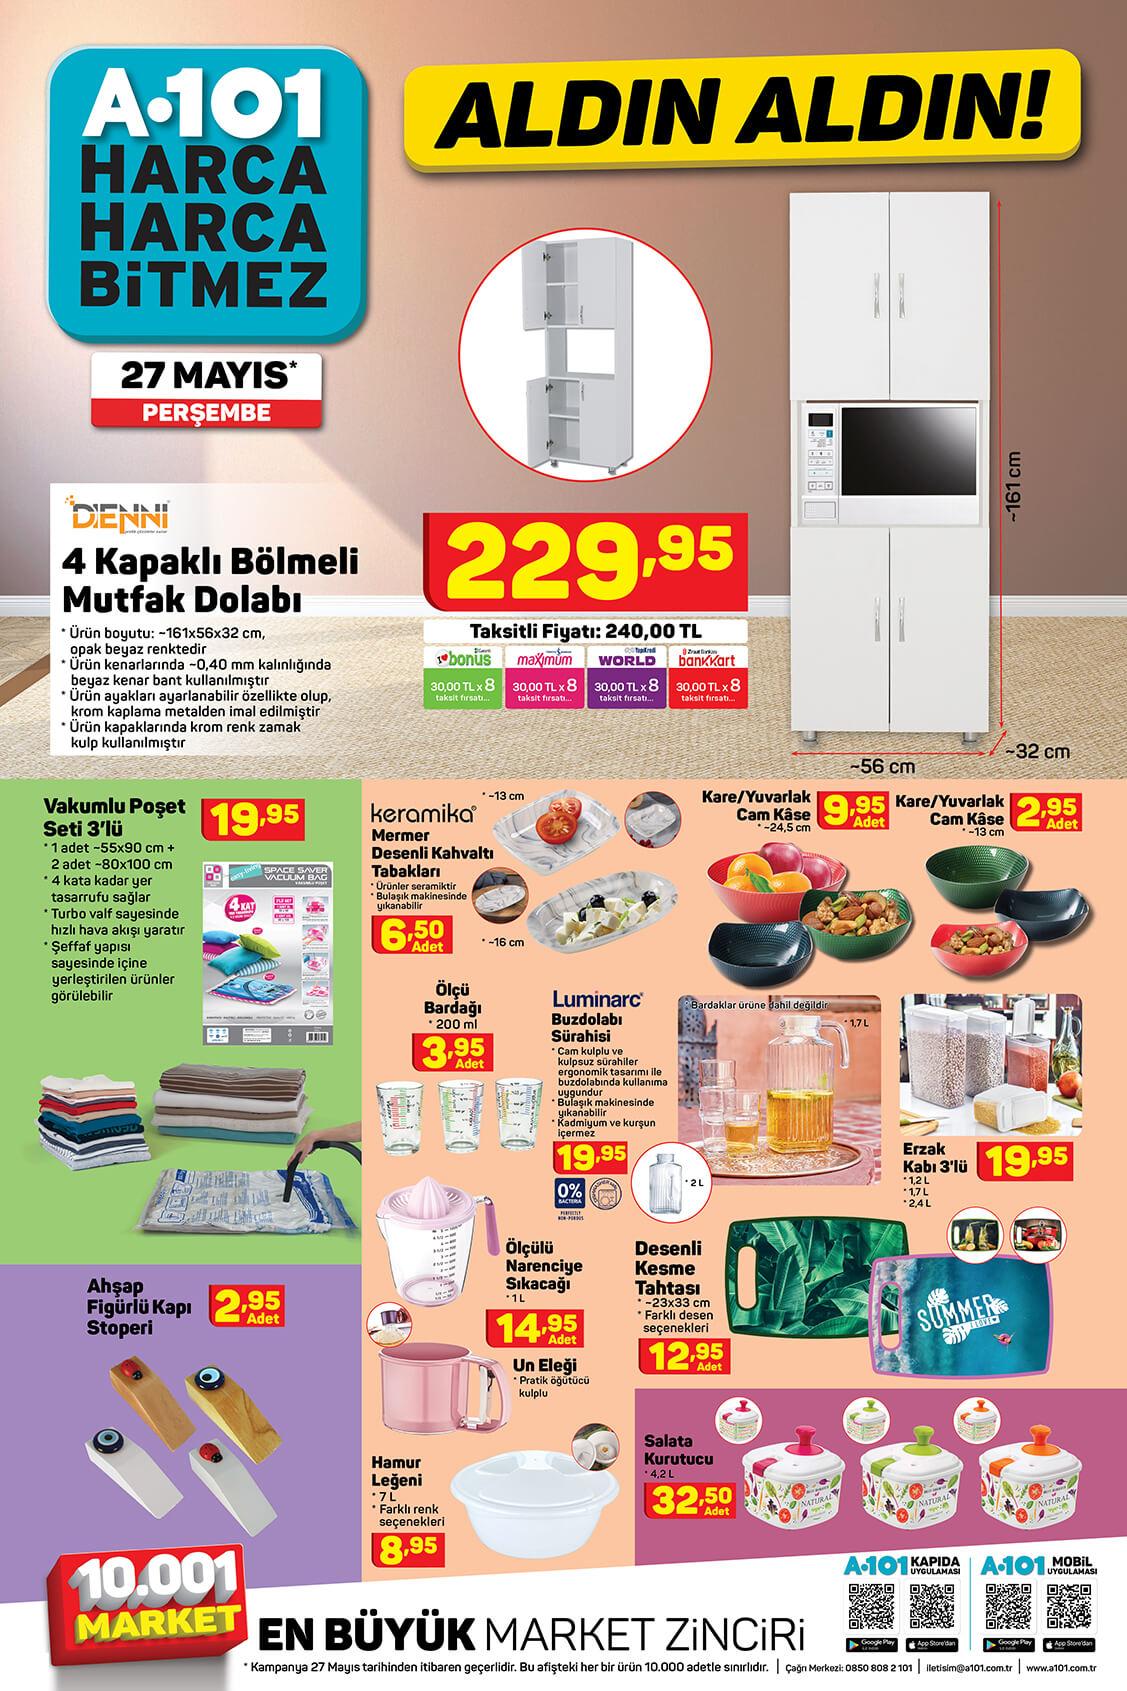 A101 27 Mayıs Perşembe Aktüel Ürün Kataloğu 7. Bölüm